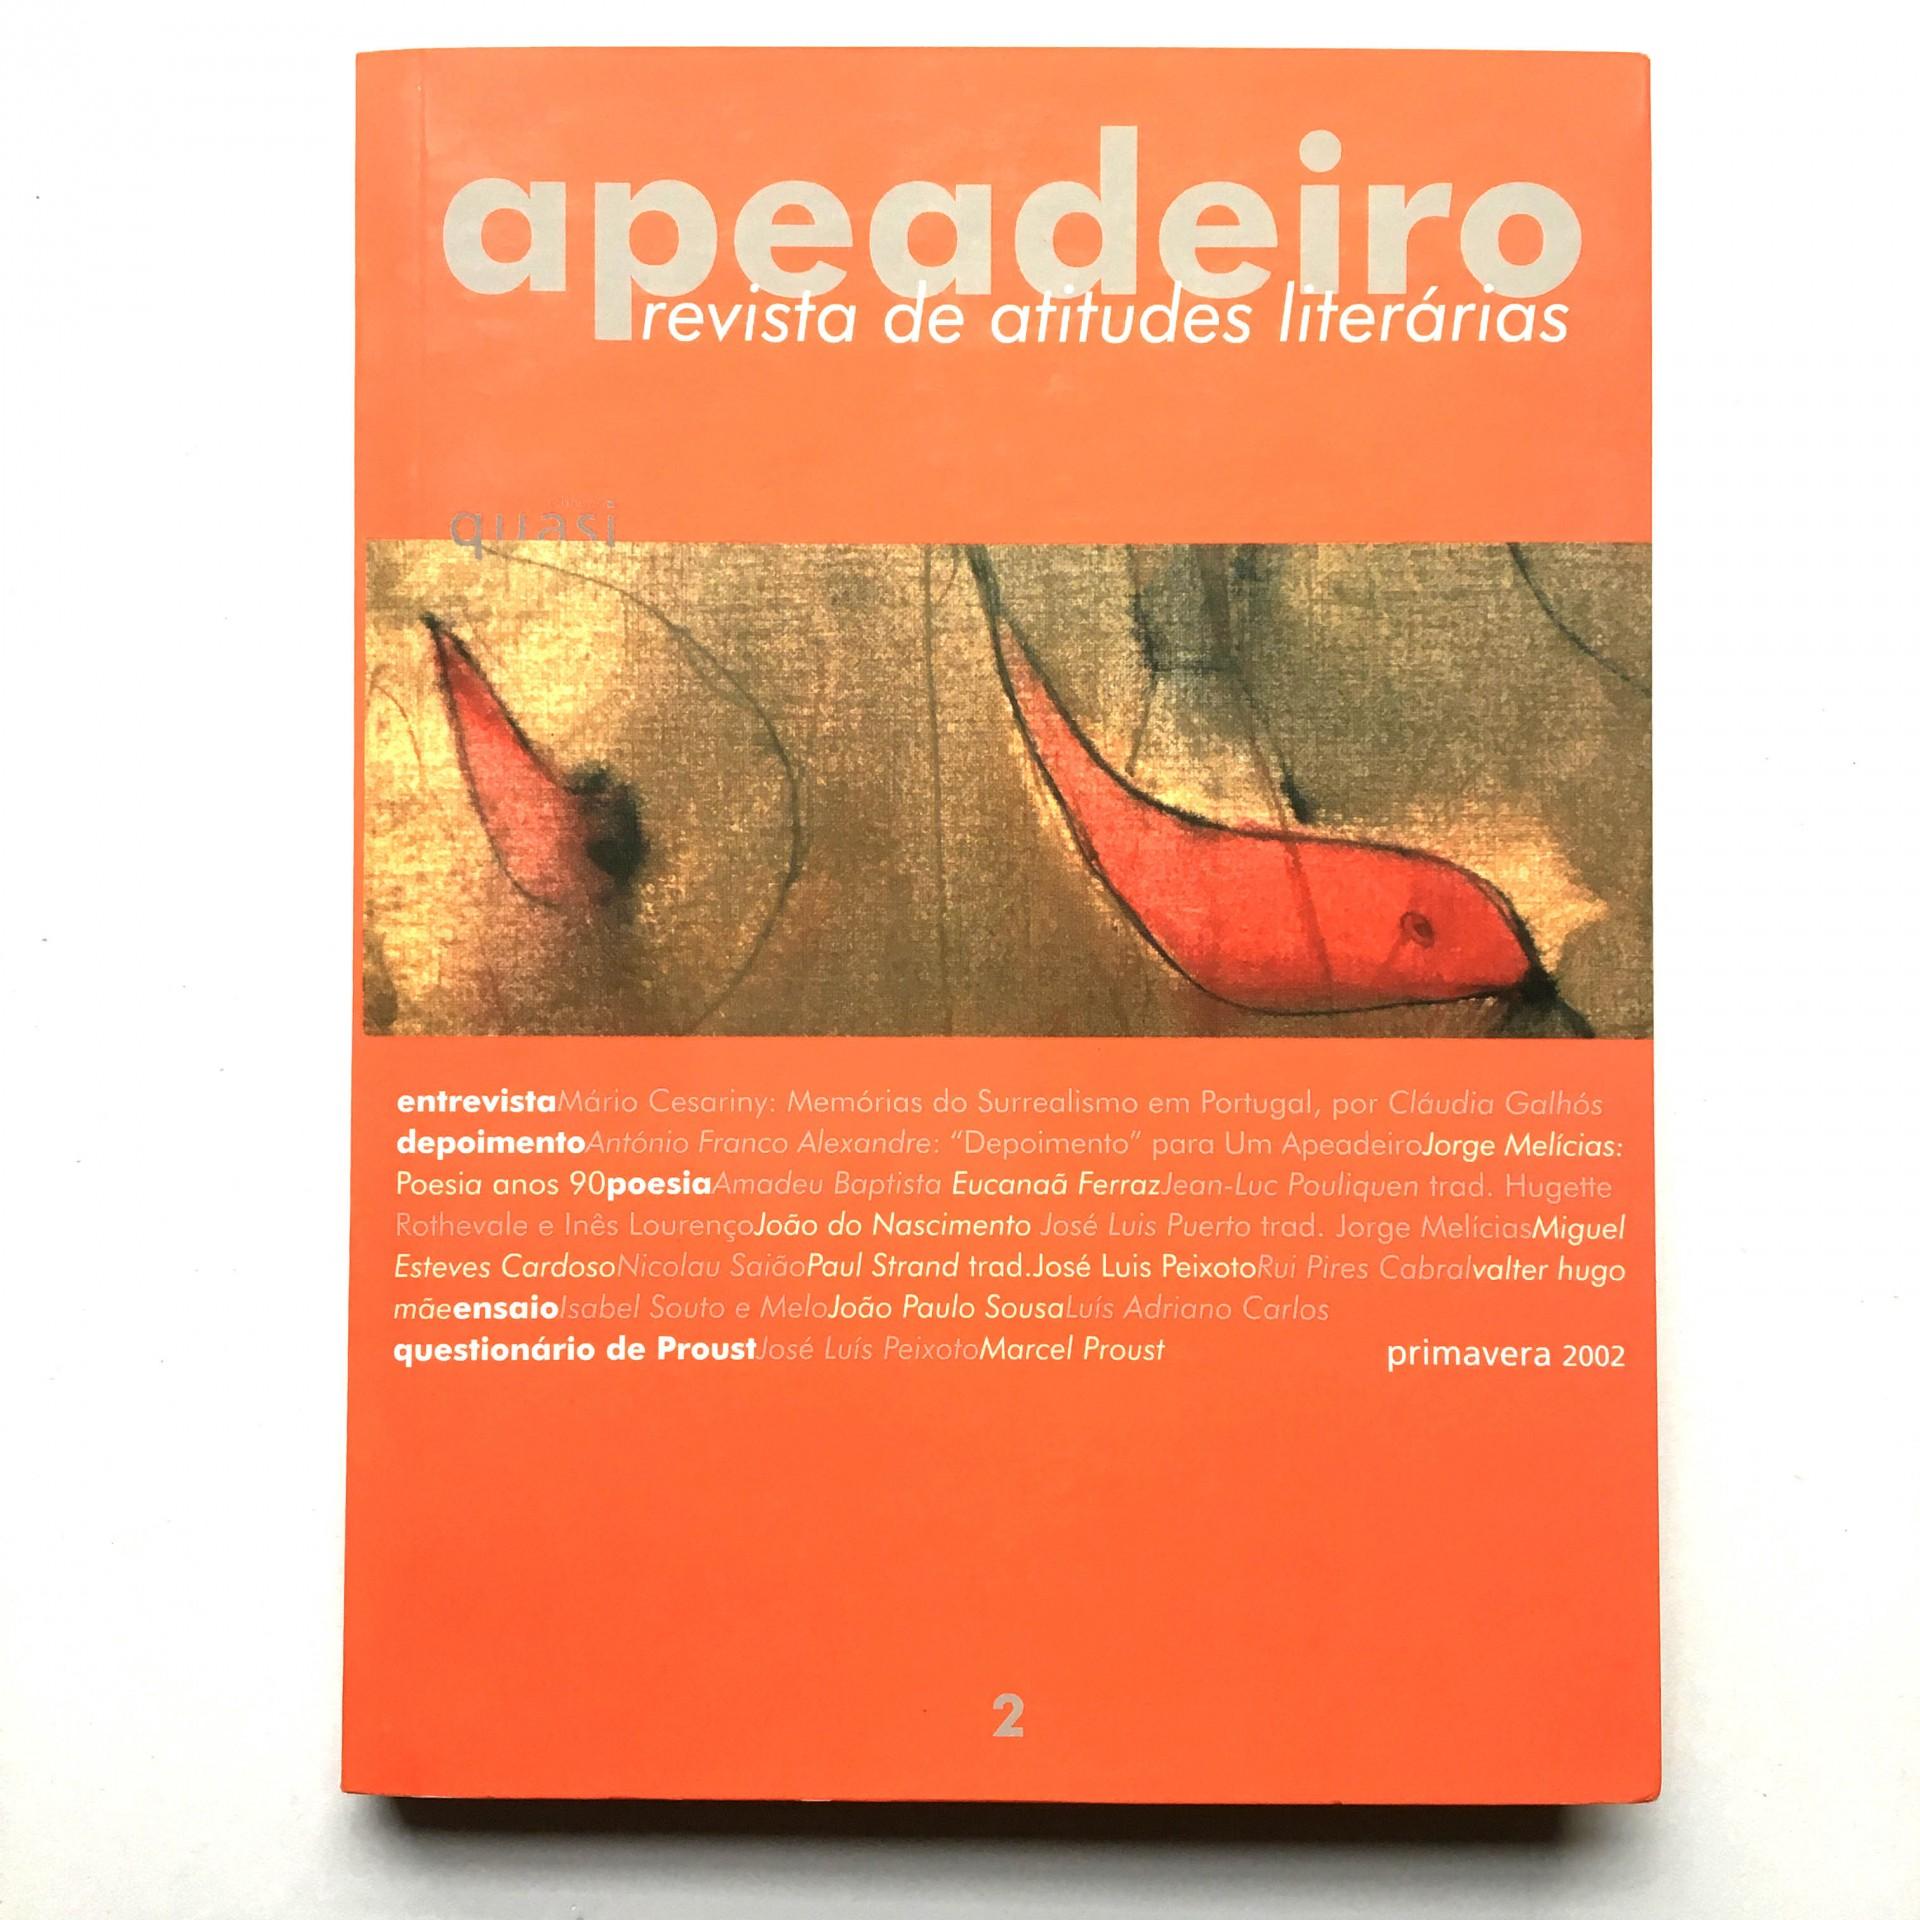 Apeadeiro 02 revista de atitudes literárias